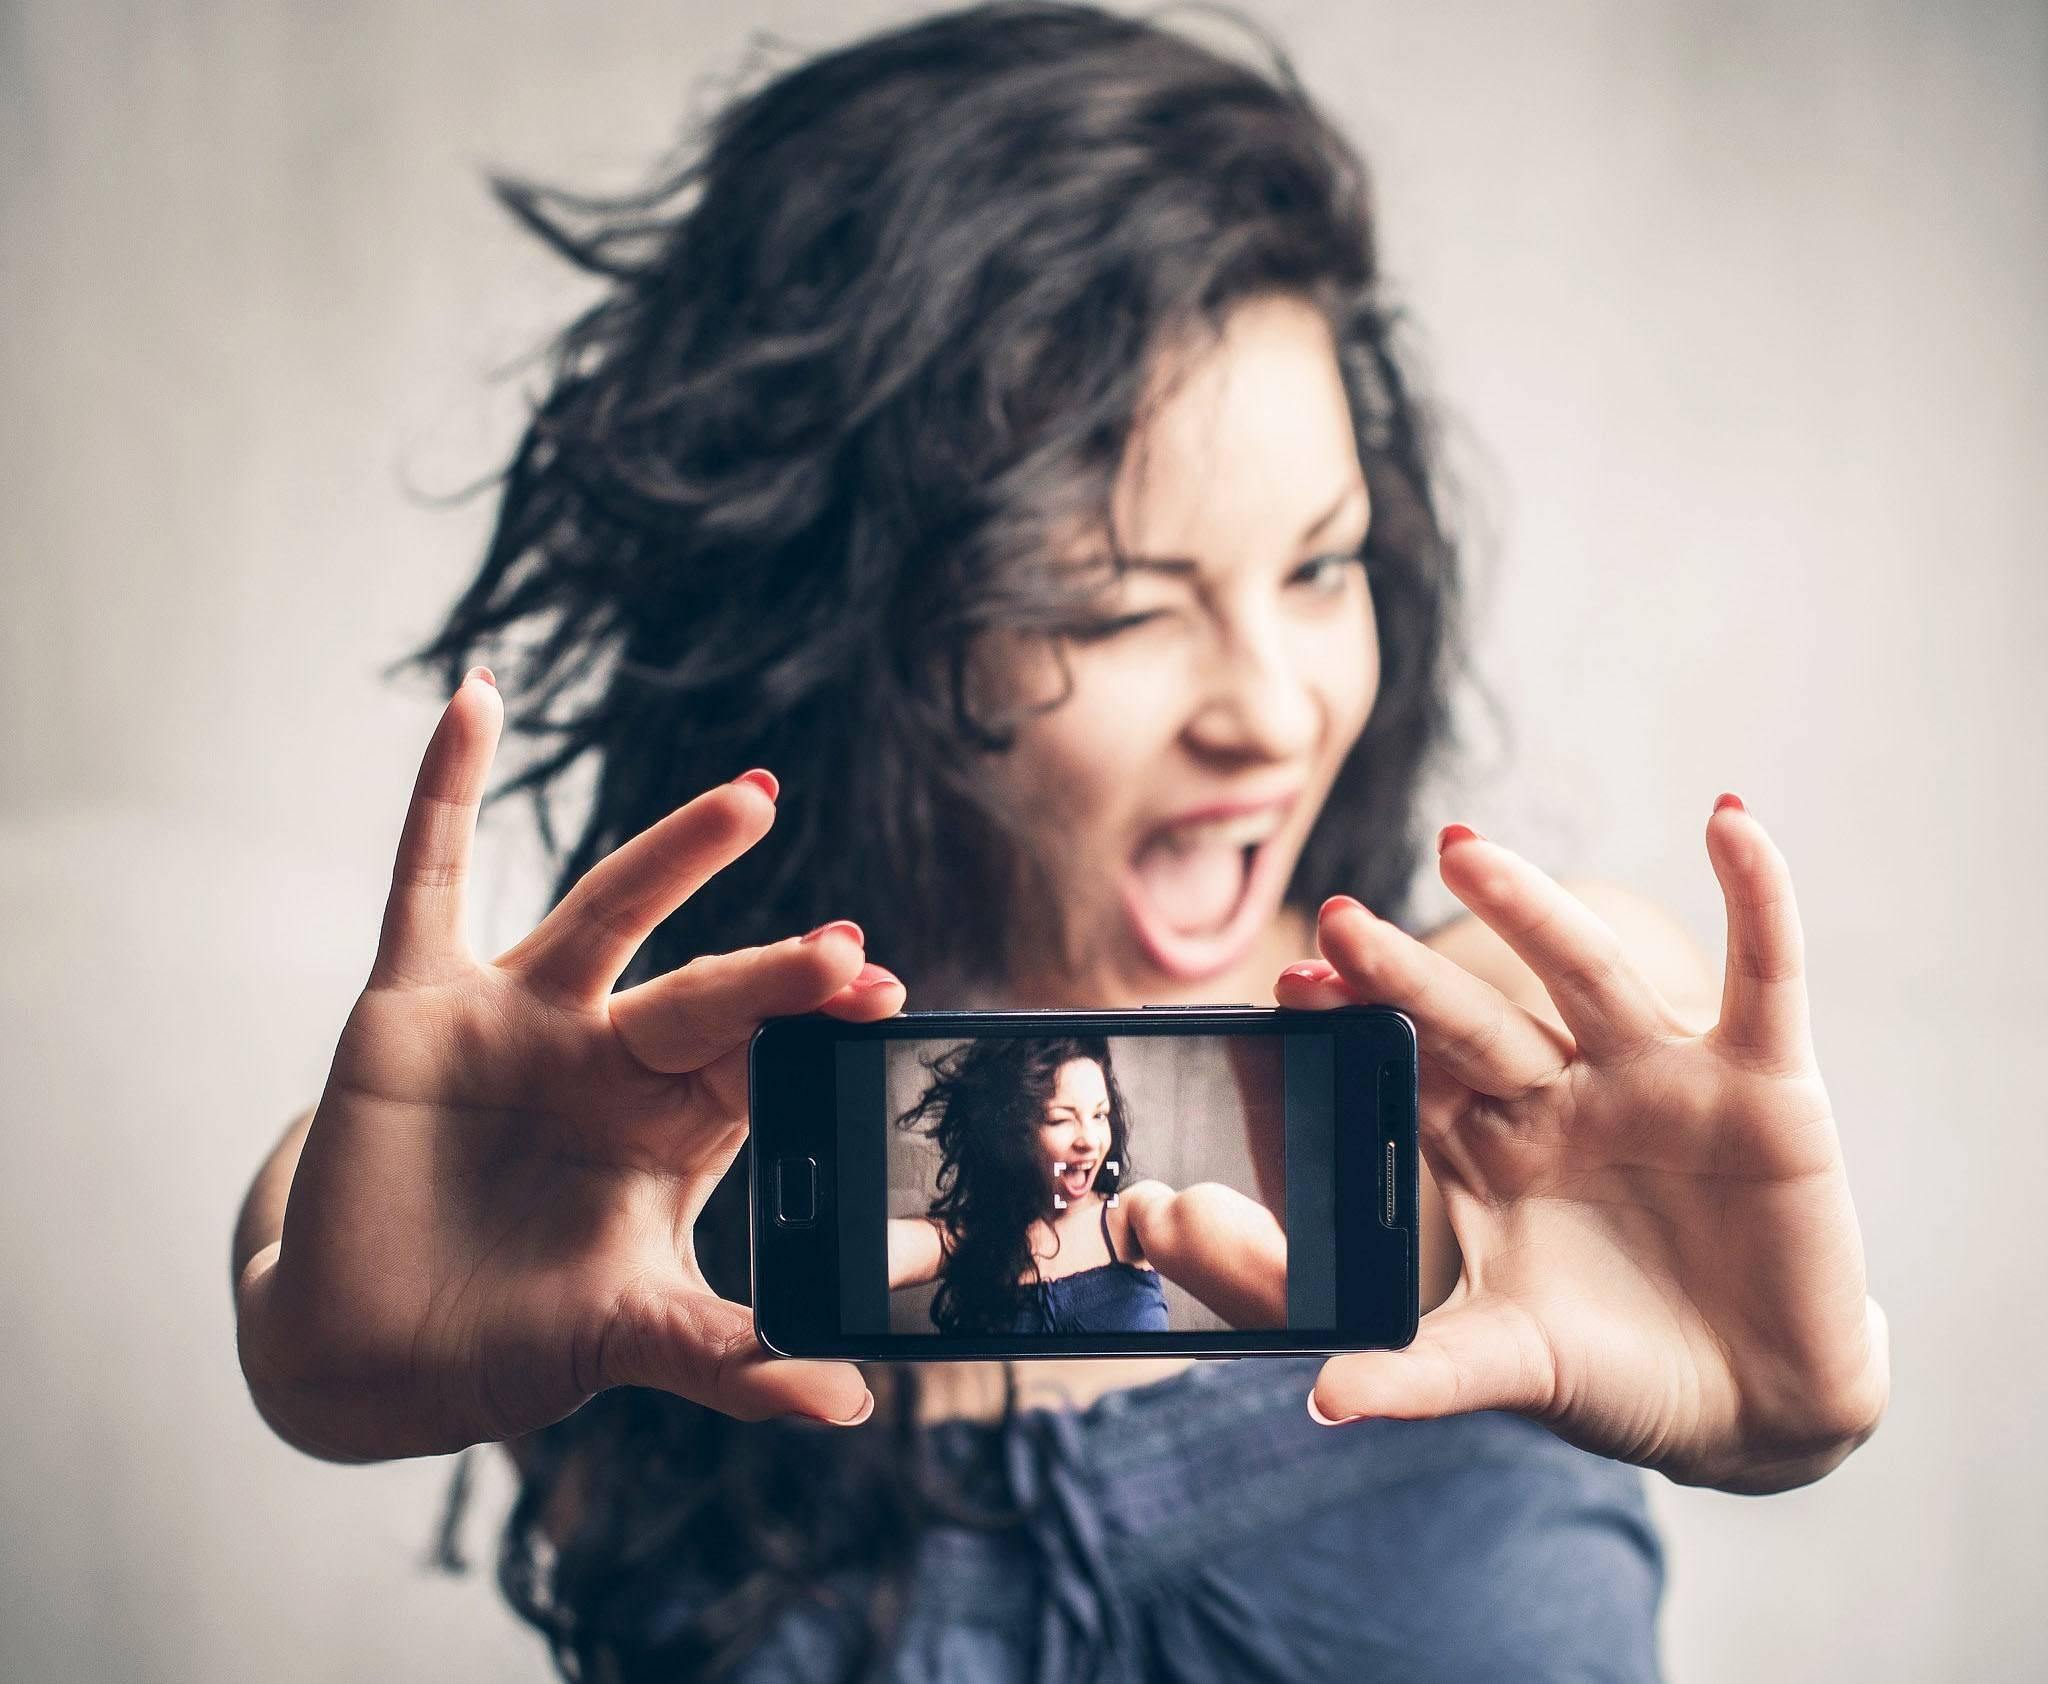 Как сделать свои стикеры в инстаграм: добавить похожие на меня — со своим лицом и другие новые в директ и в сторис